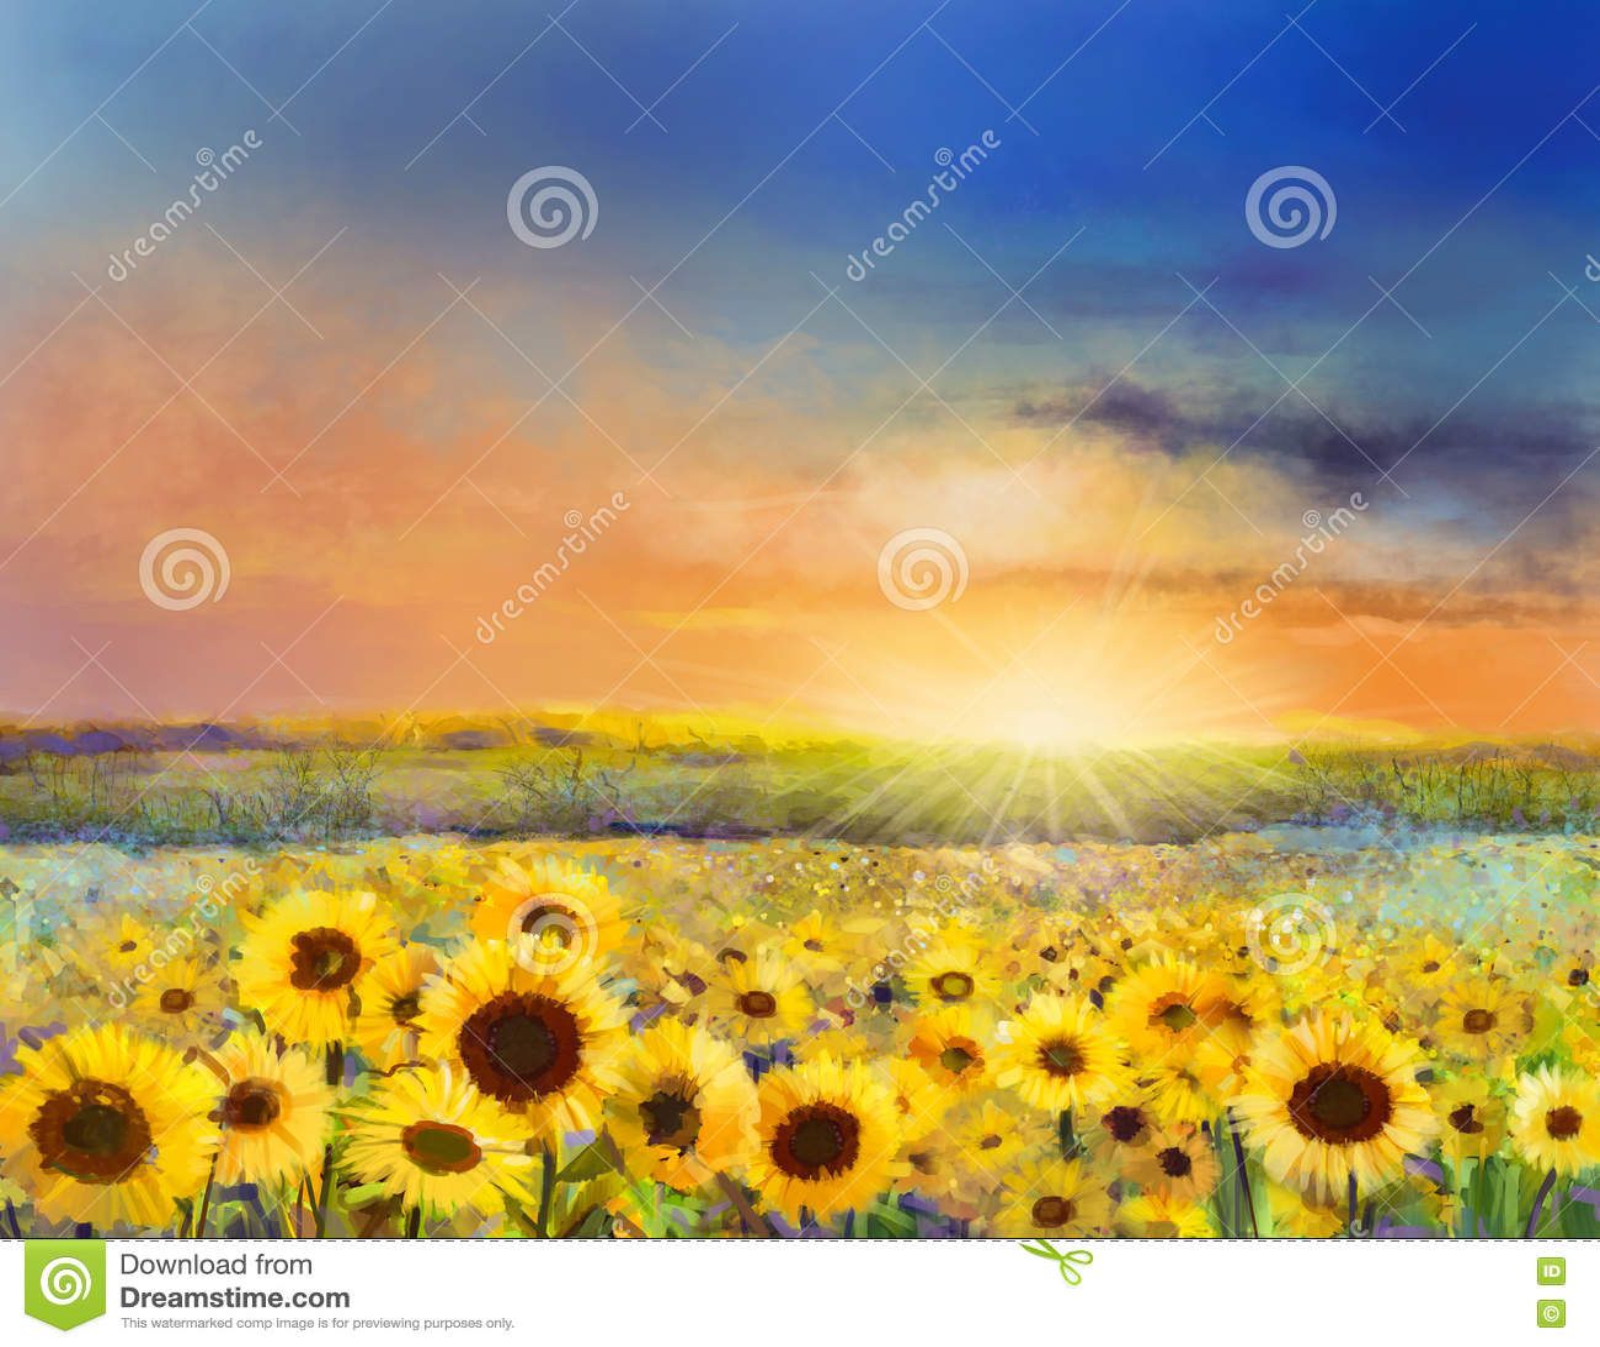 Ελαιογραφία ενός αγροτικού τοπίου ηλιοβασιλέματος με έναν χρυσό ηλίανθο